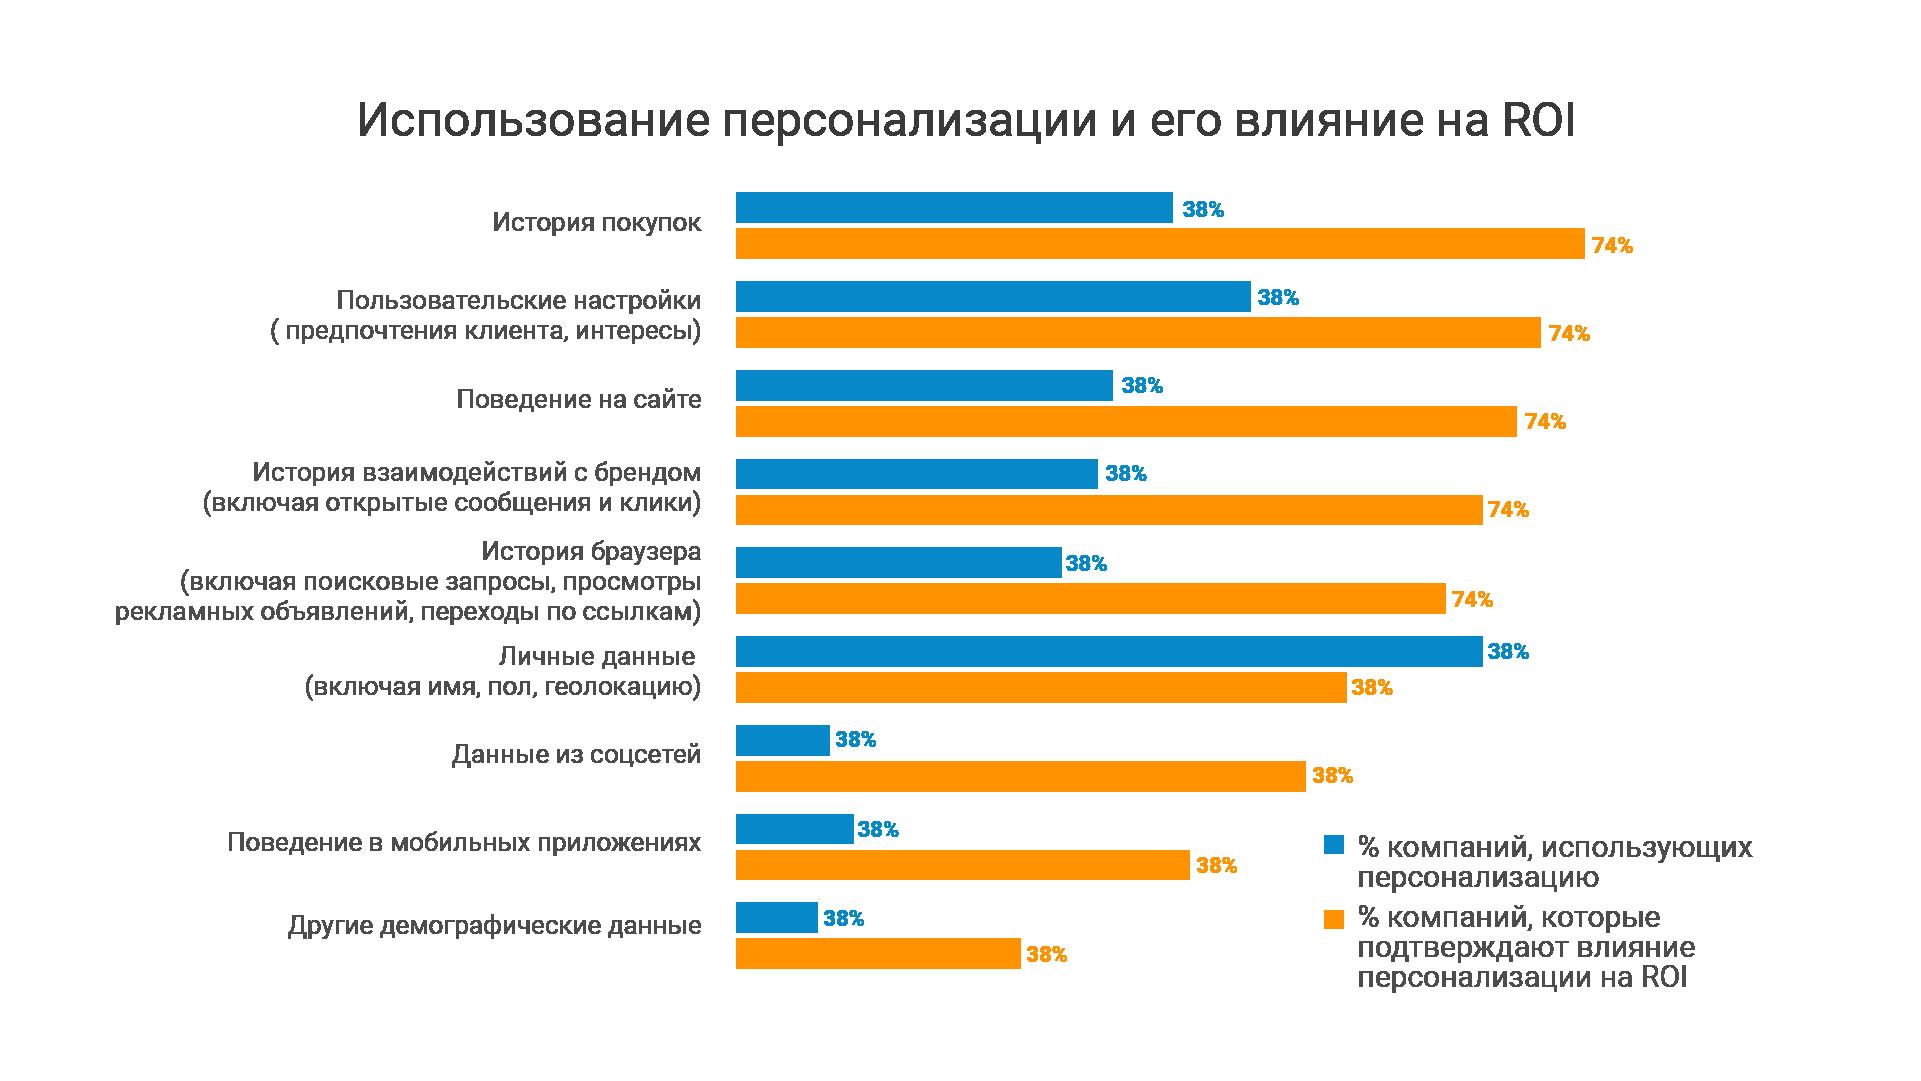 Статистика впливу персоналізації